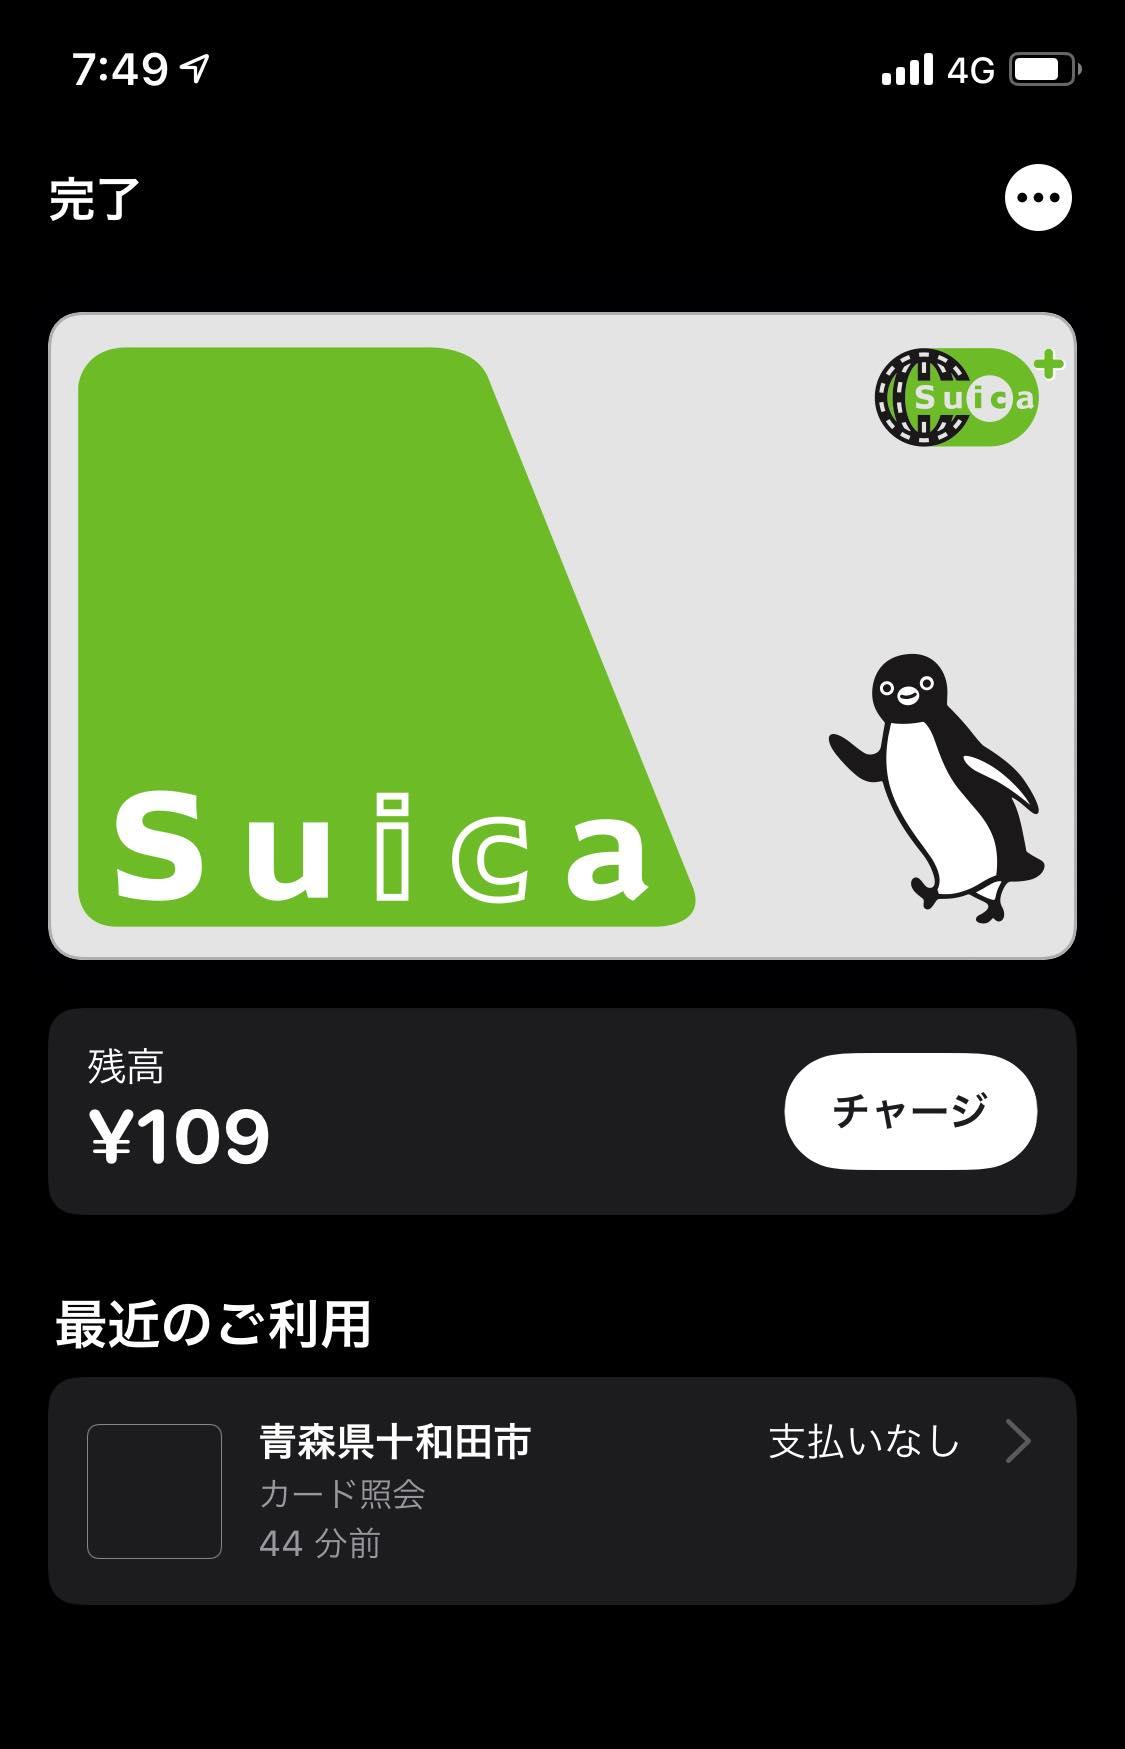 Suica_02_2019920_74951